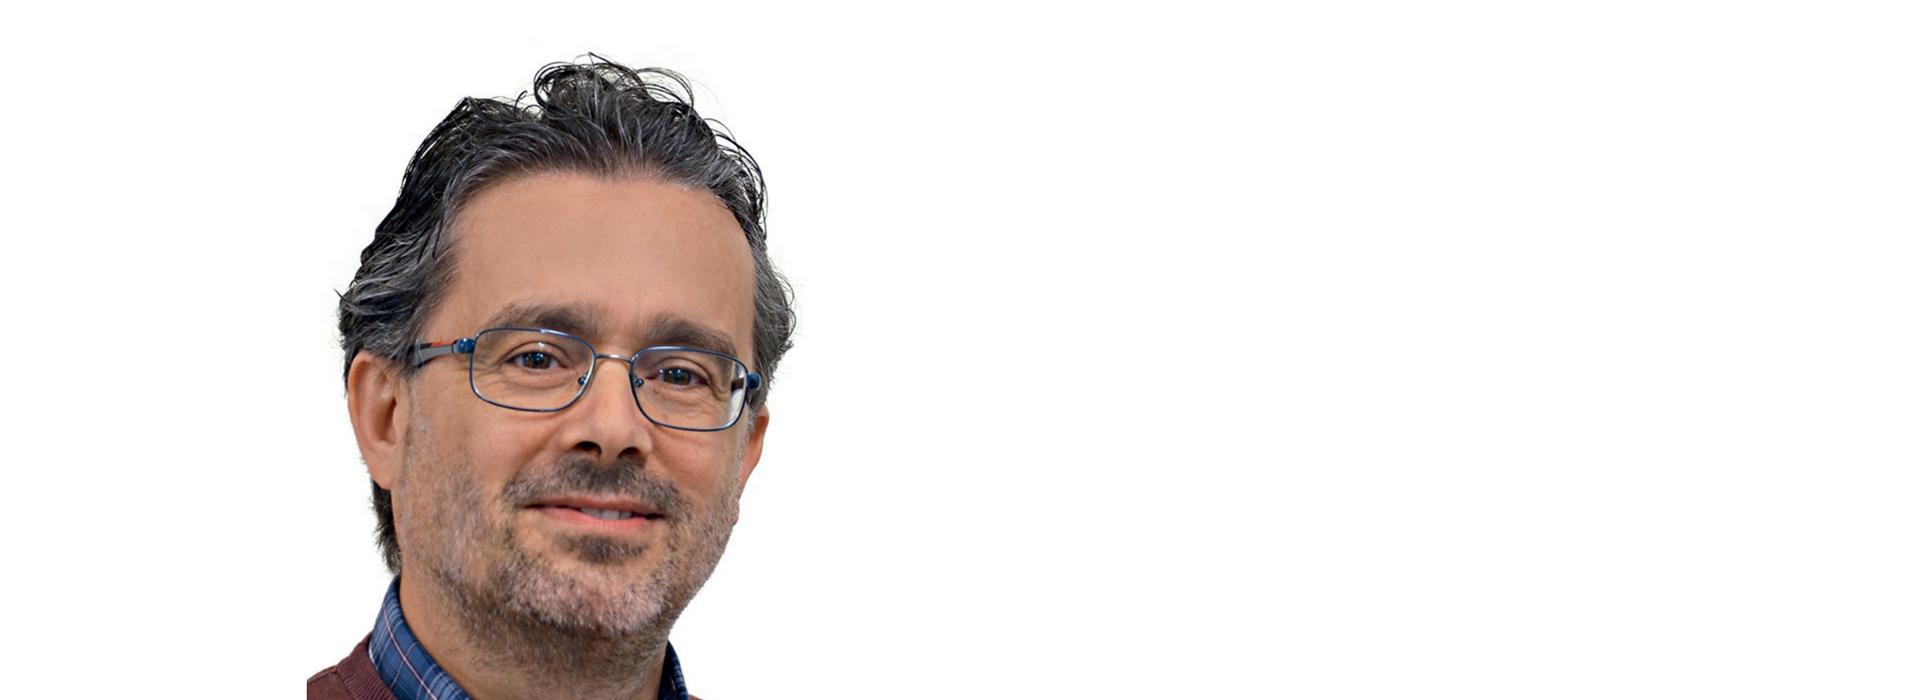 Decreto Scuola: l'intervento di Pier Luigi Zanotti – CGG del 20.09.18